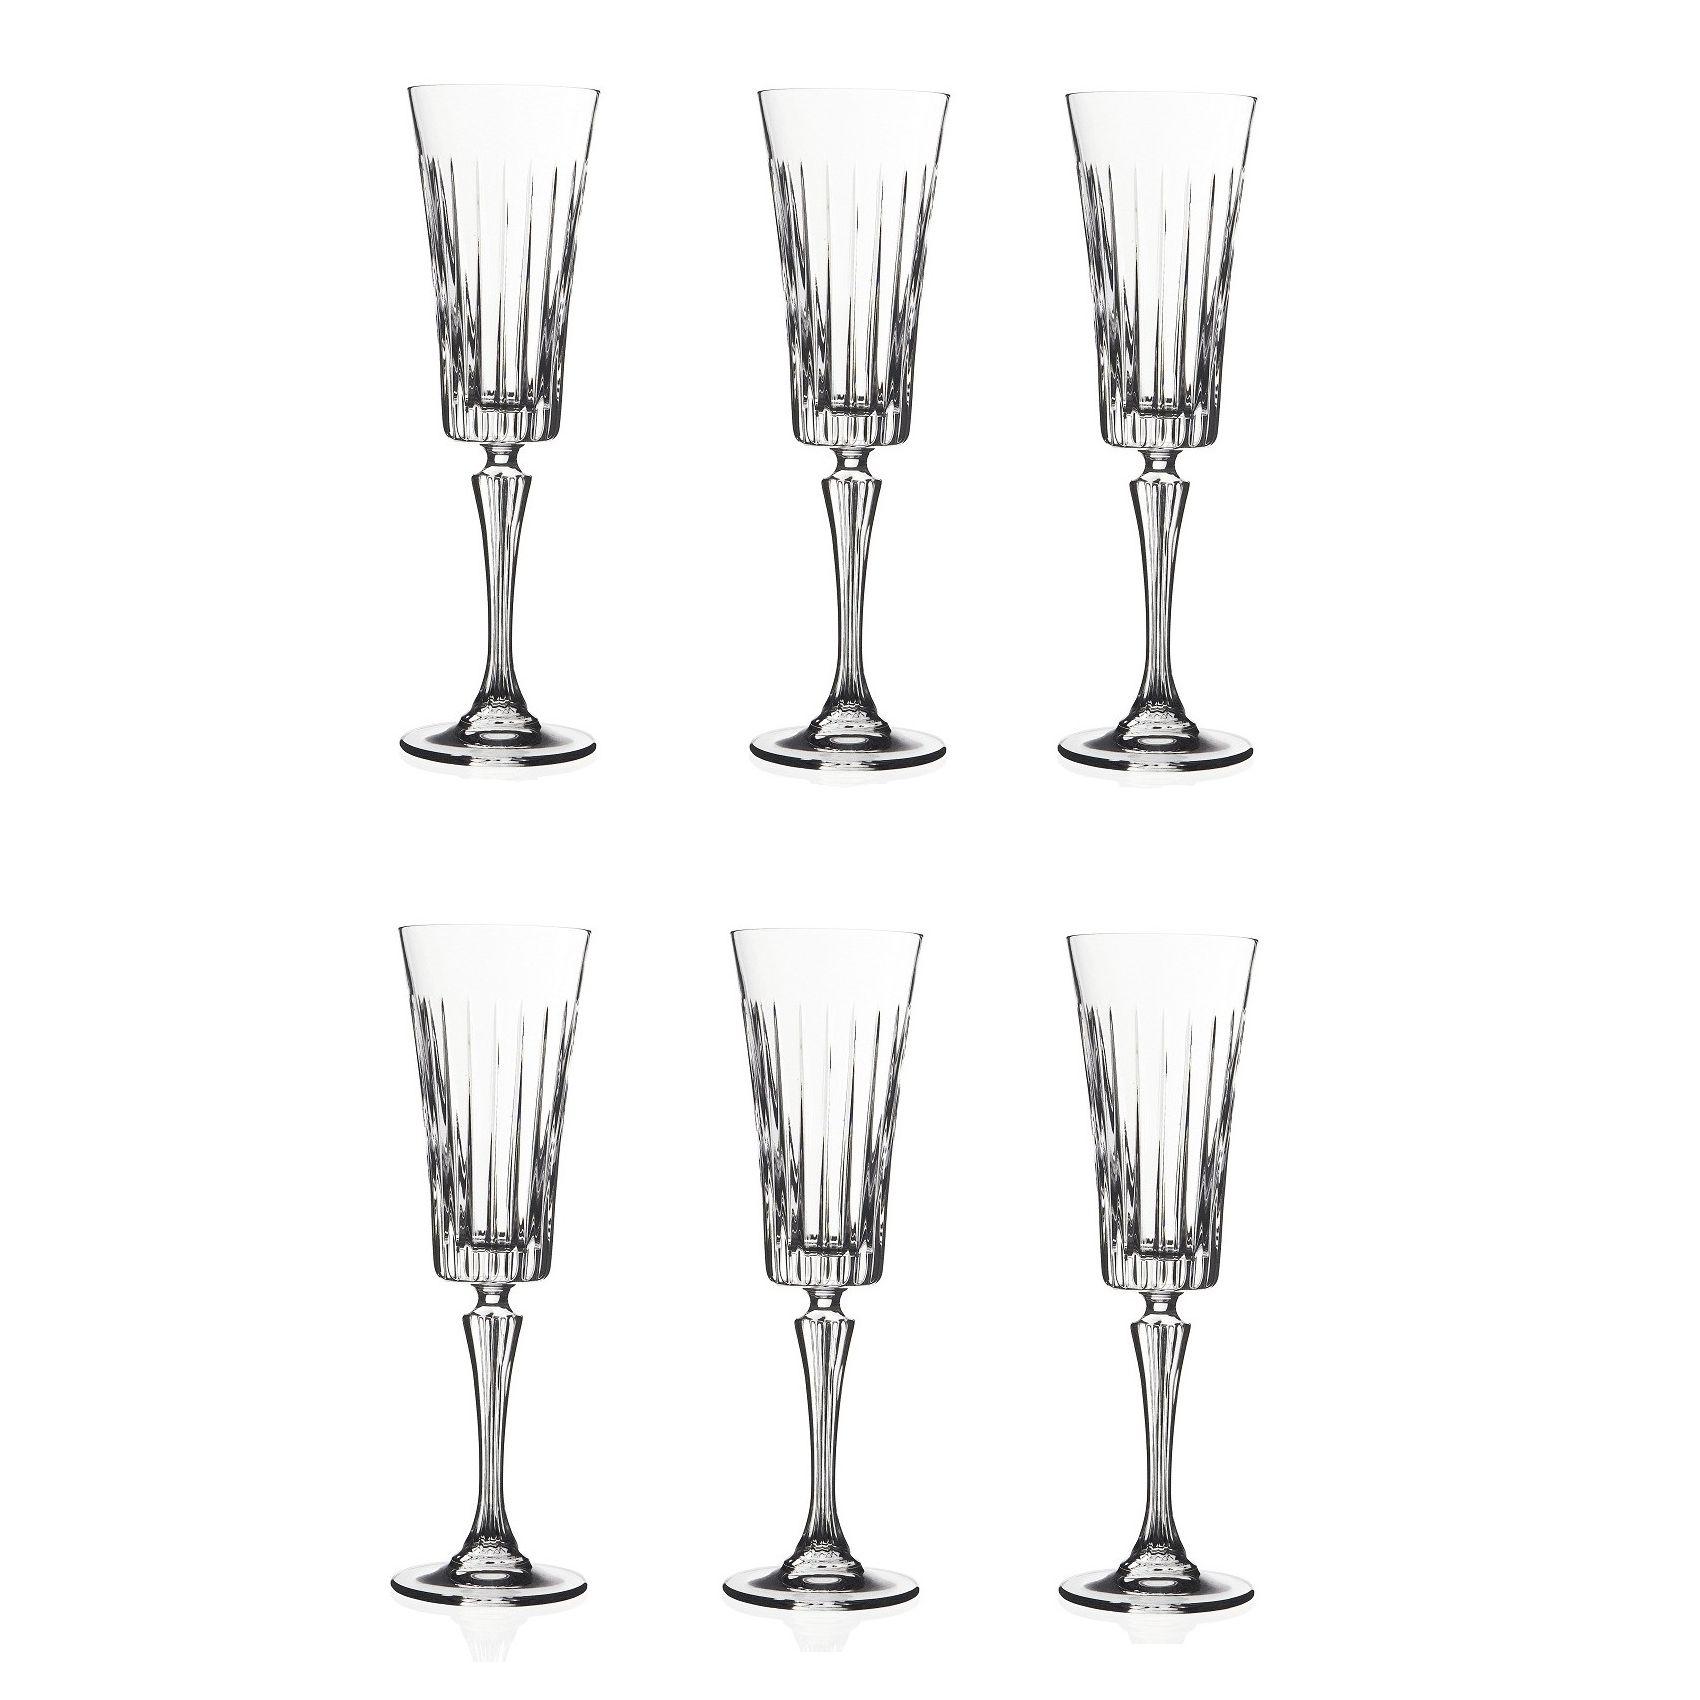 Набор бокалов для шампанского 210 мл. 6 шт. TIMELESSНабор бокалов для шампанскогоТаймлесс отличается изысканностью и элегантностью дизайна. Высокие стенки узкого бокала обеспечивают длительное сохранение вкуса и аромата игристого напитка, а преломление света в гранях стекла привнесет в ваш праздник настроение торжественности и роскоши. Бокалы изготавливаются из прочного стекла, для создания которого не применяются токсичные вещества. Набор станет универсальным выбором для дома, а также подойдет для применения в барах и ресторанах благодаря универсальному исполнению. Набор бокалов для шампанскогоТаймлесс – выбор для самых ярких праздников.<br>